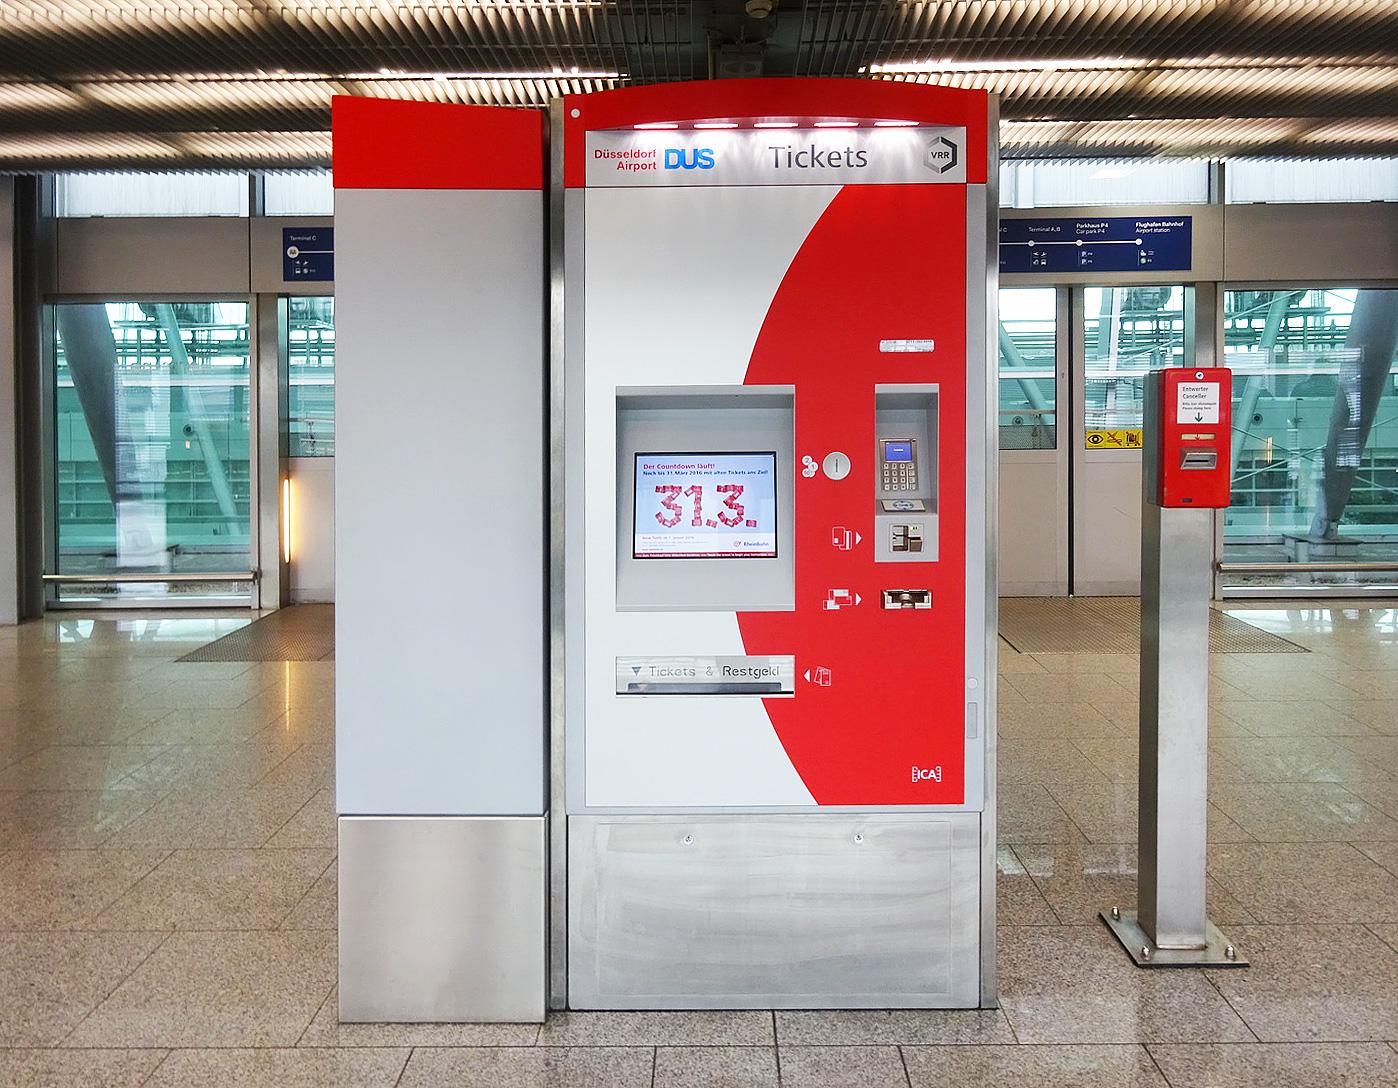 В этом автомате в аэропорту можно купить любые билеты на транспорт, а также и туристическую карточку.